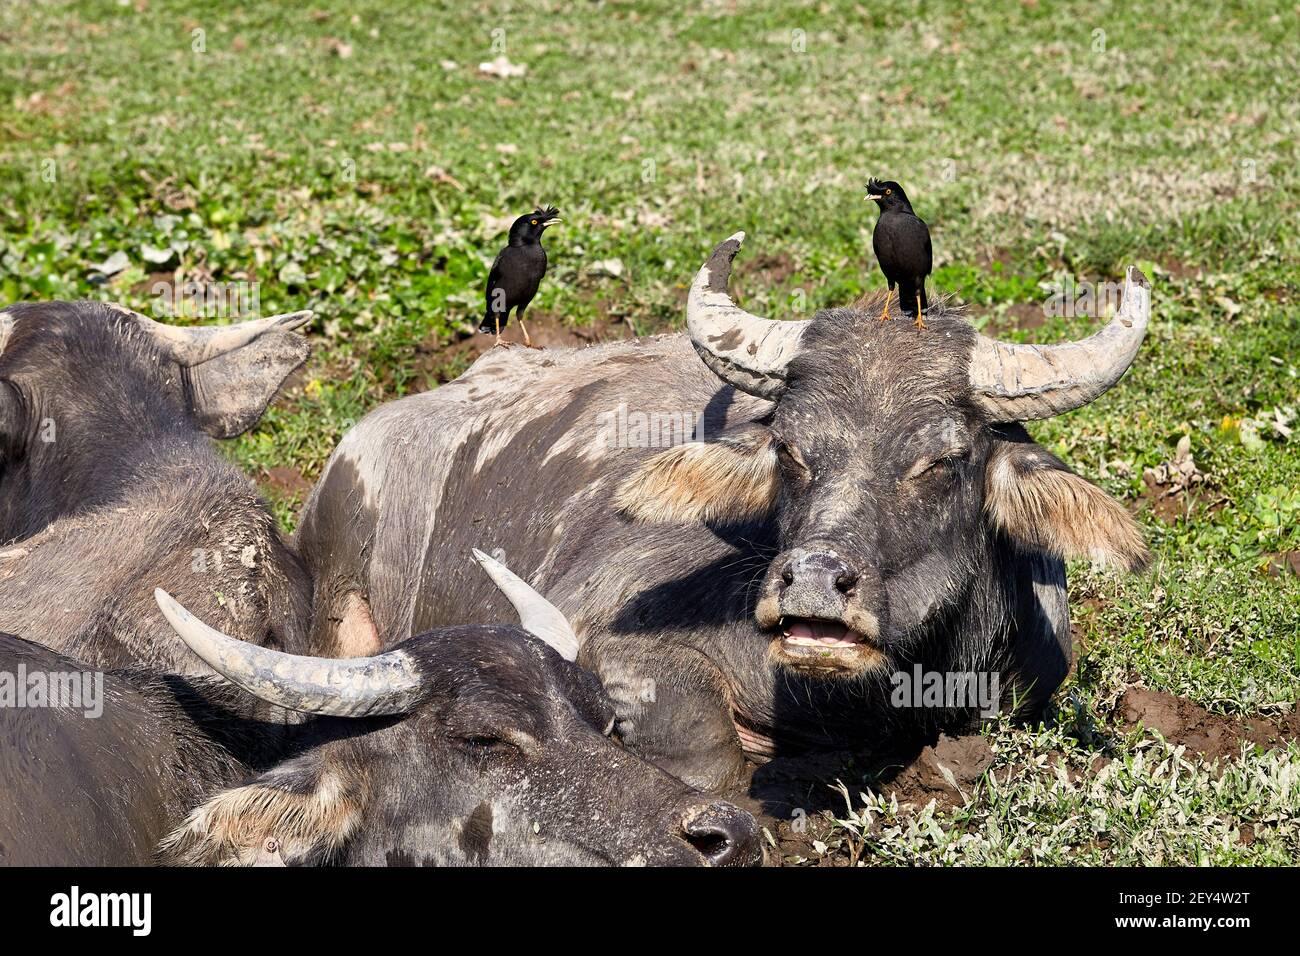 Feral, búfalo de agua (bubalus bubalis) wallodándose en piscinas de barro con aves mina crestadas (Acridotheres cristatellus). Los pájaros limpian las garrapatas y otros animales Foto de stock